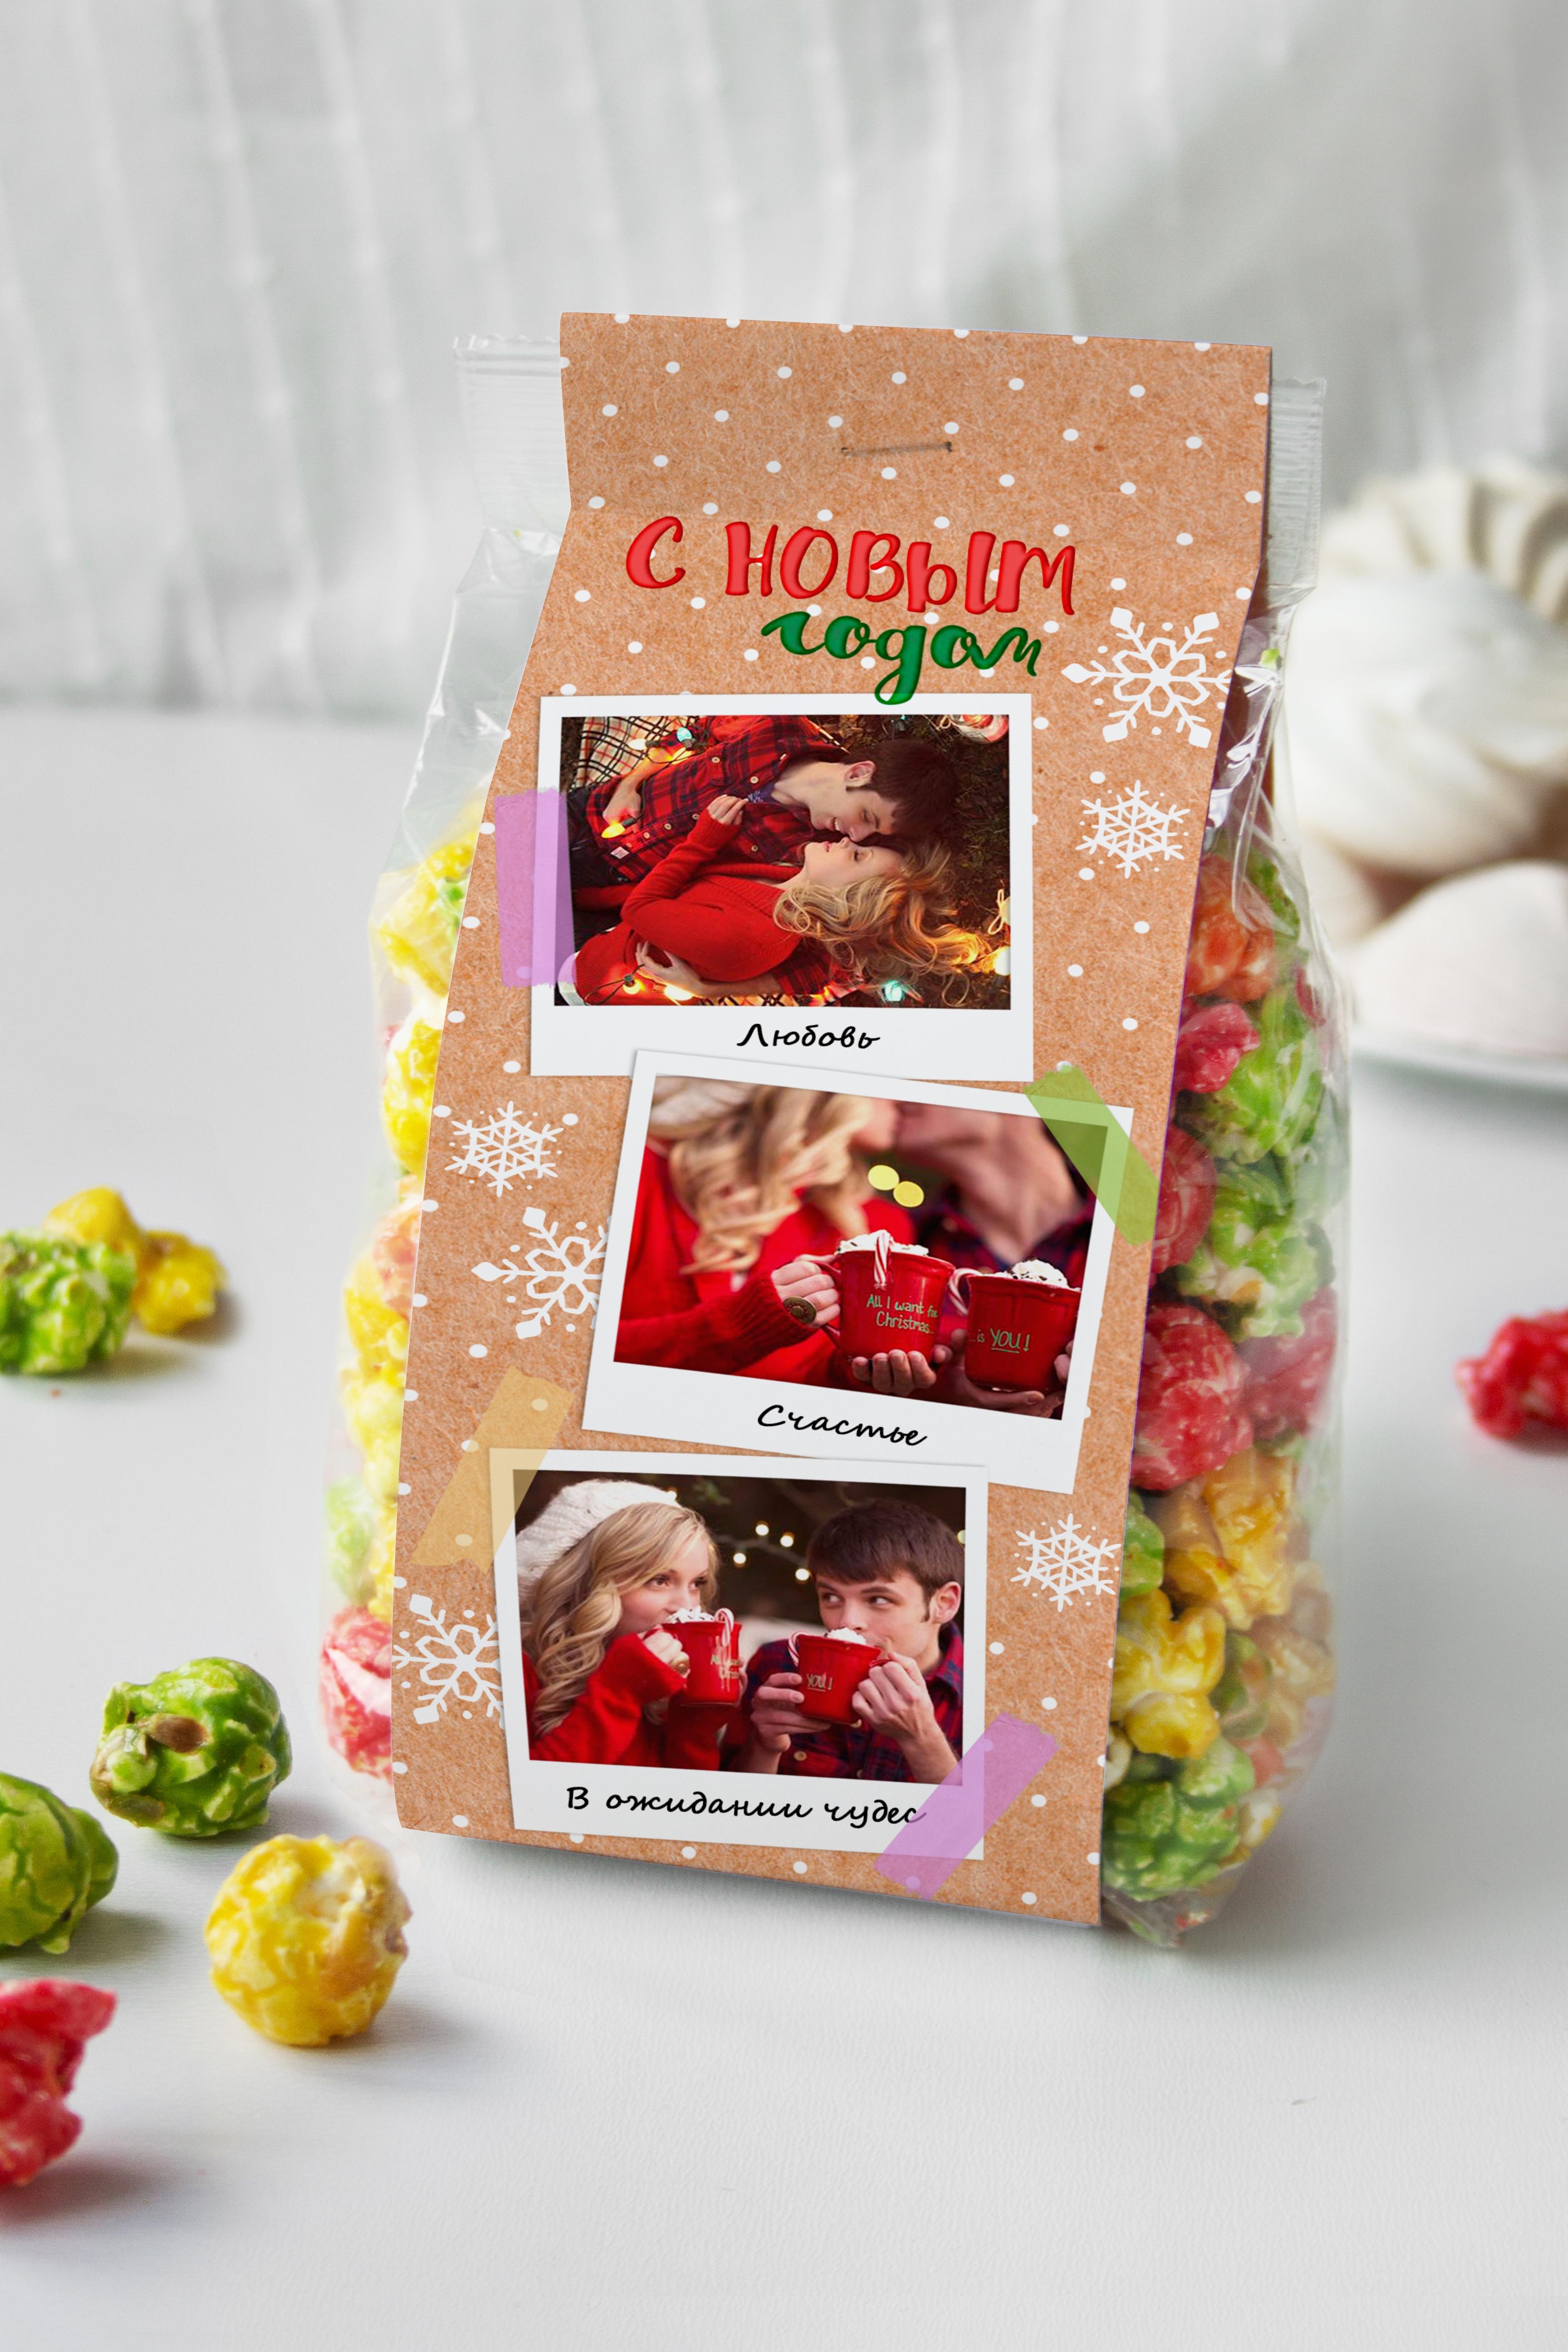 Попкорн КрафтовыйСладости<br>Попкорн Фруктовый микс в индивидуальной упаковке с Вашим именем, вес: 160гр.<br>